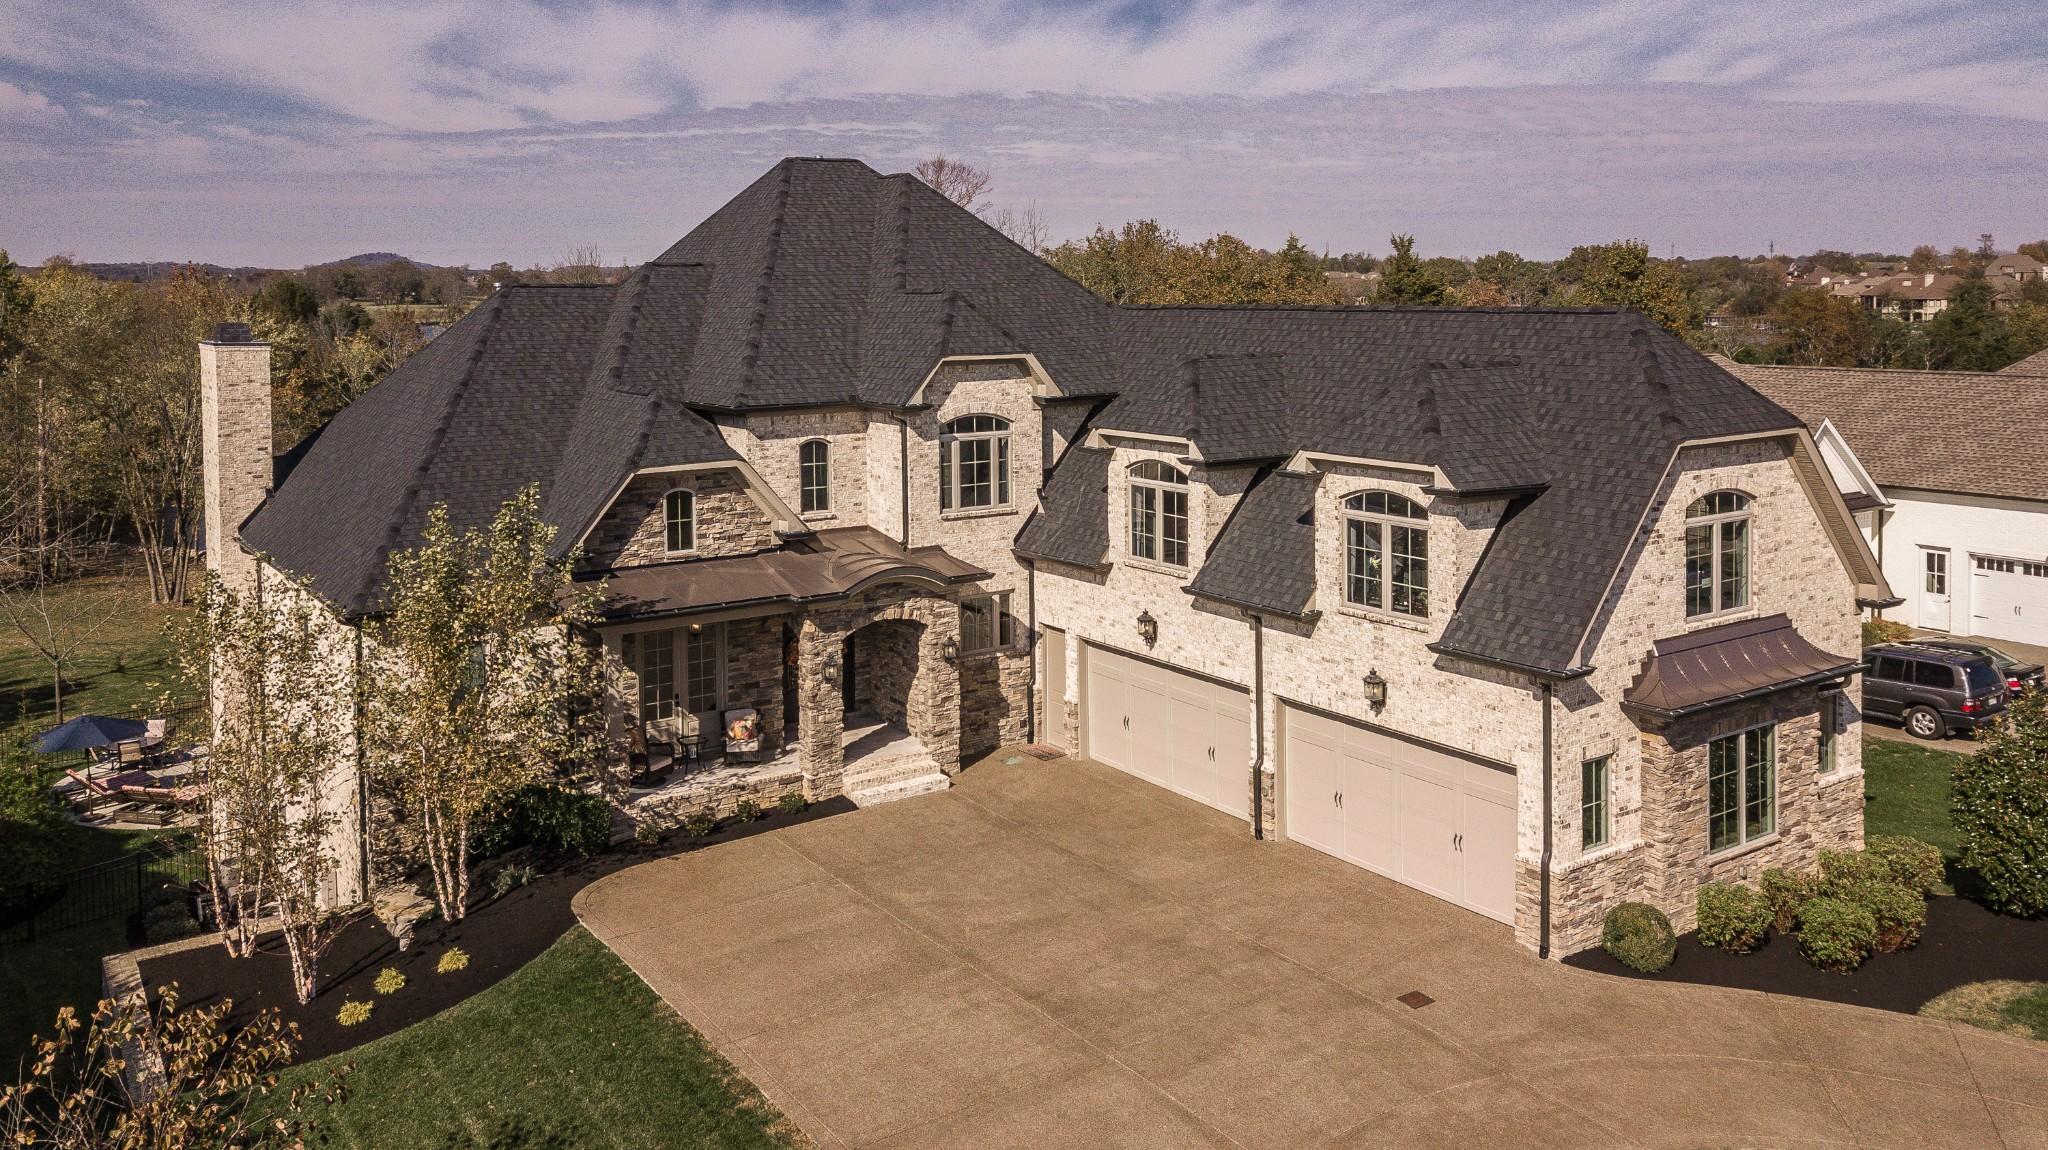 $2,490,000 - 7Br/8Ba -  for Sale in Foxland Ph 1 Sec 2, Gallatin